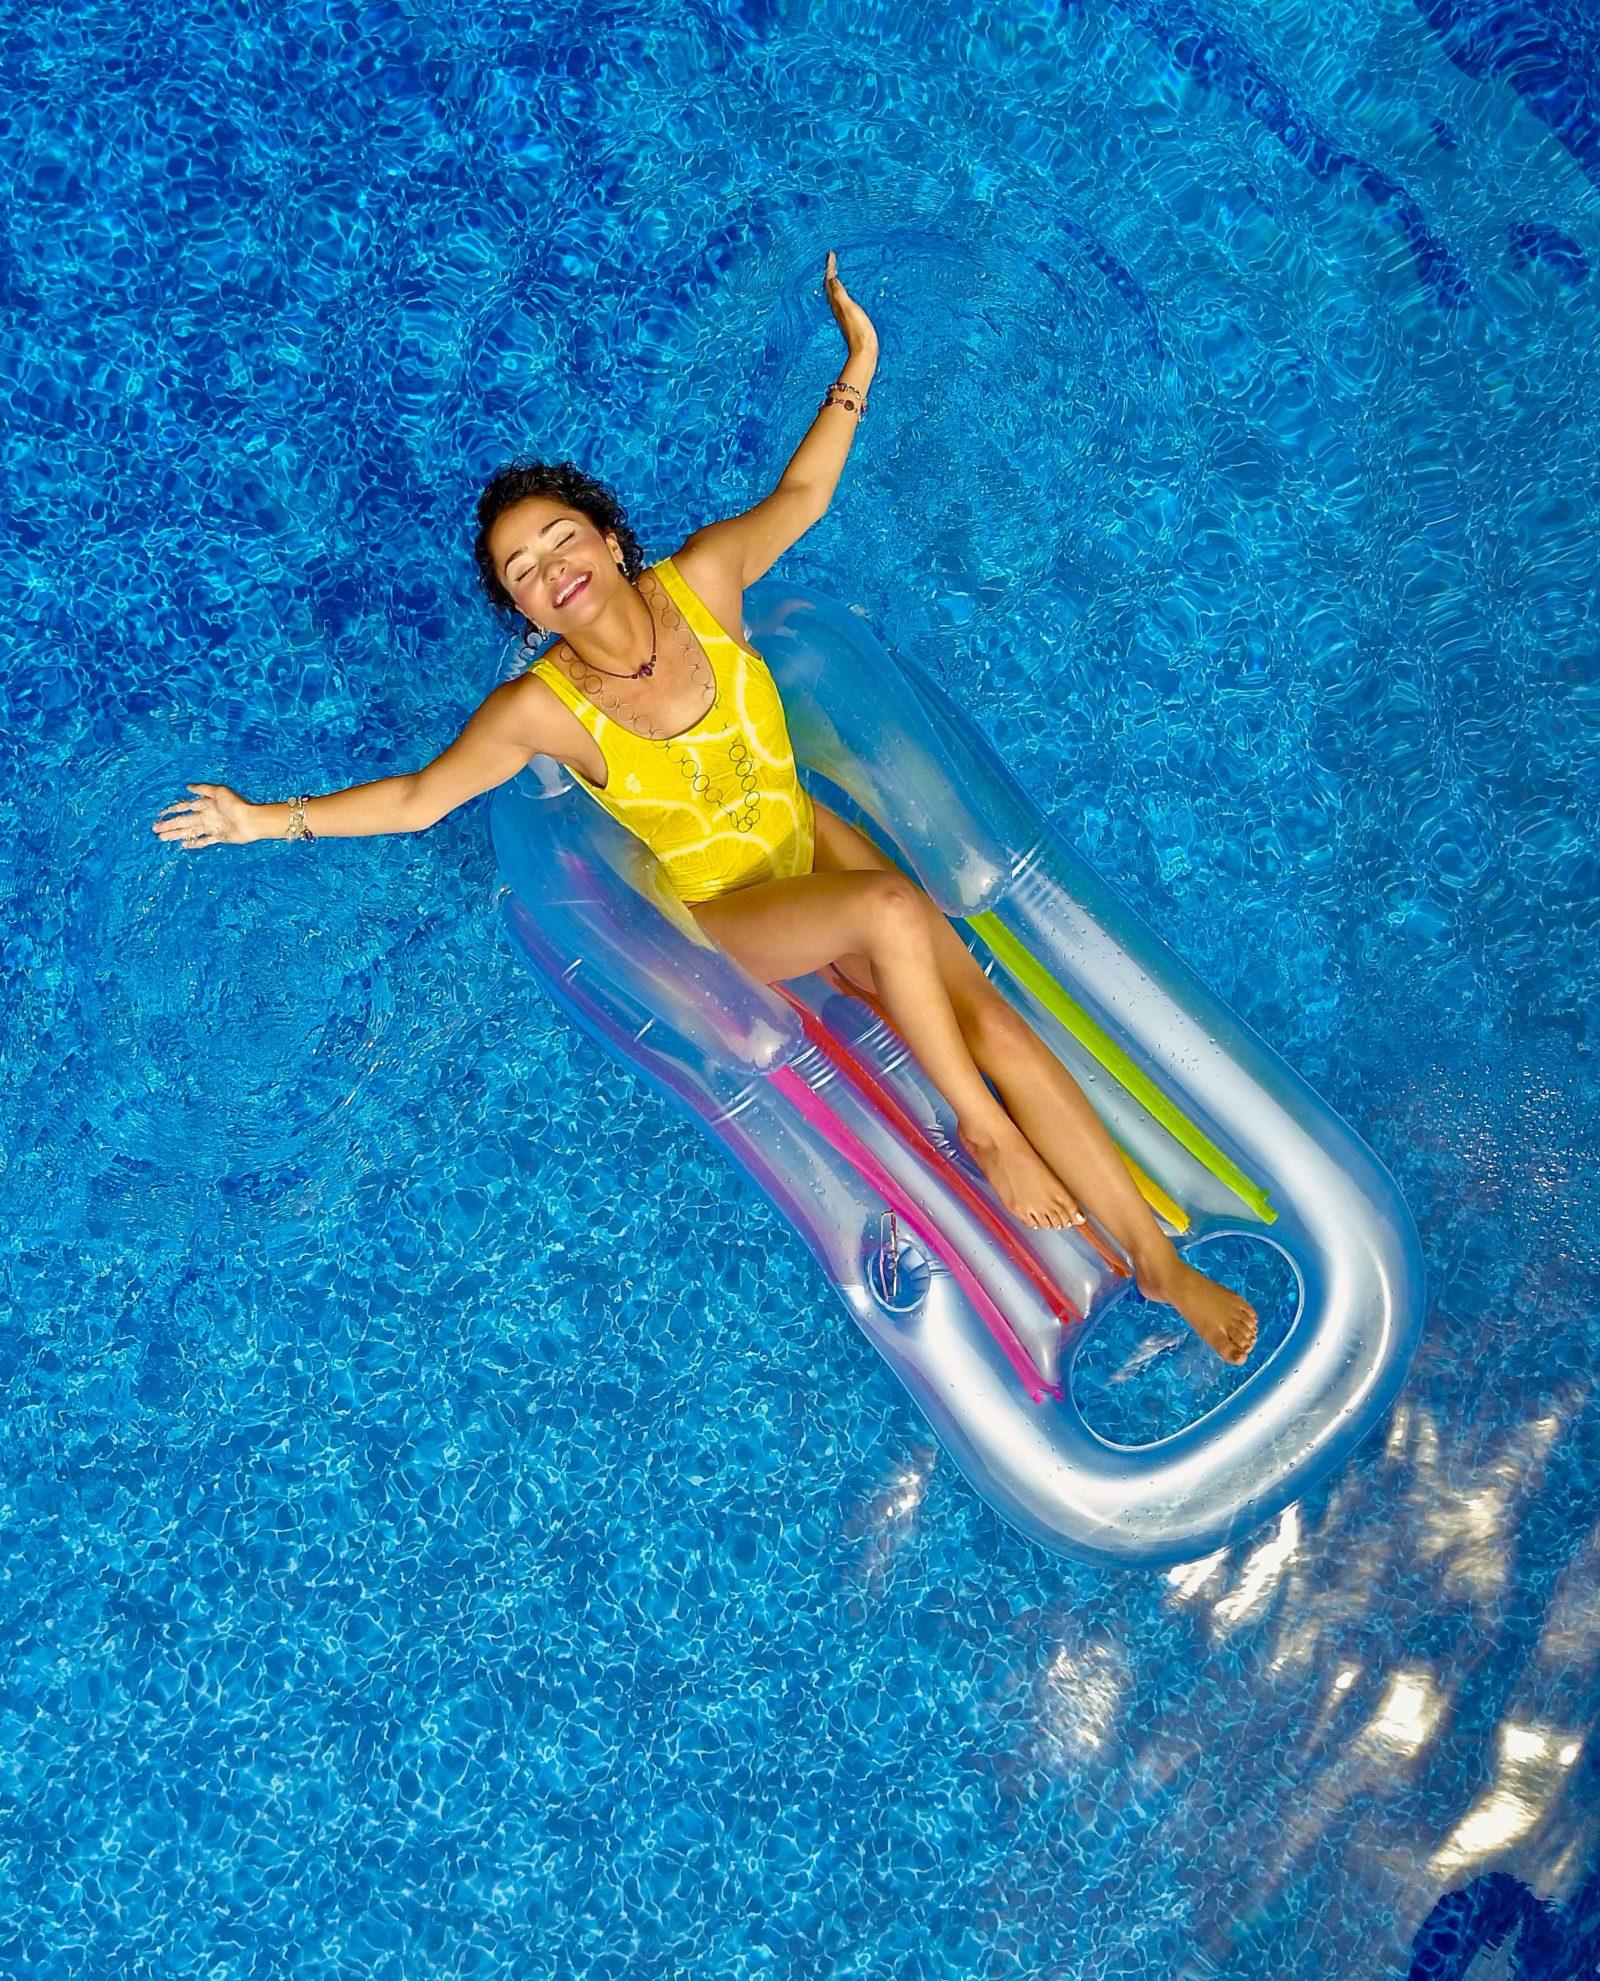 viajar-solo-vanilla-garden-hotel-piscina